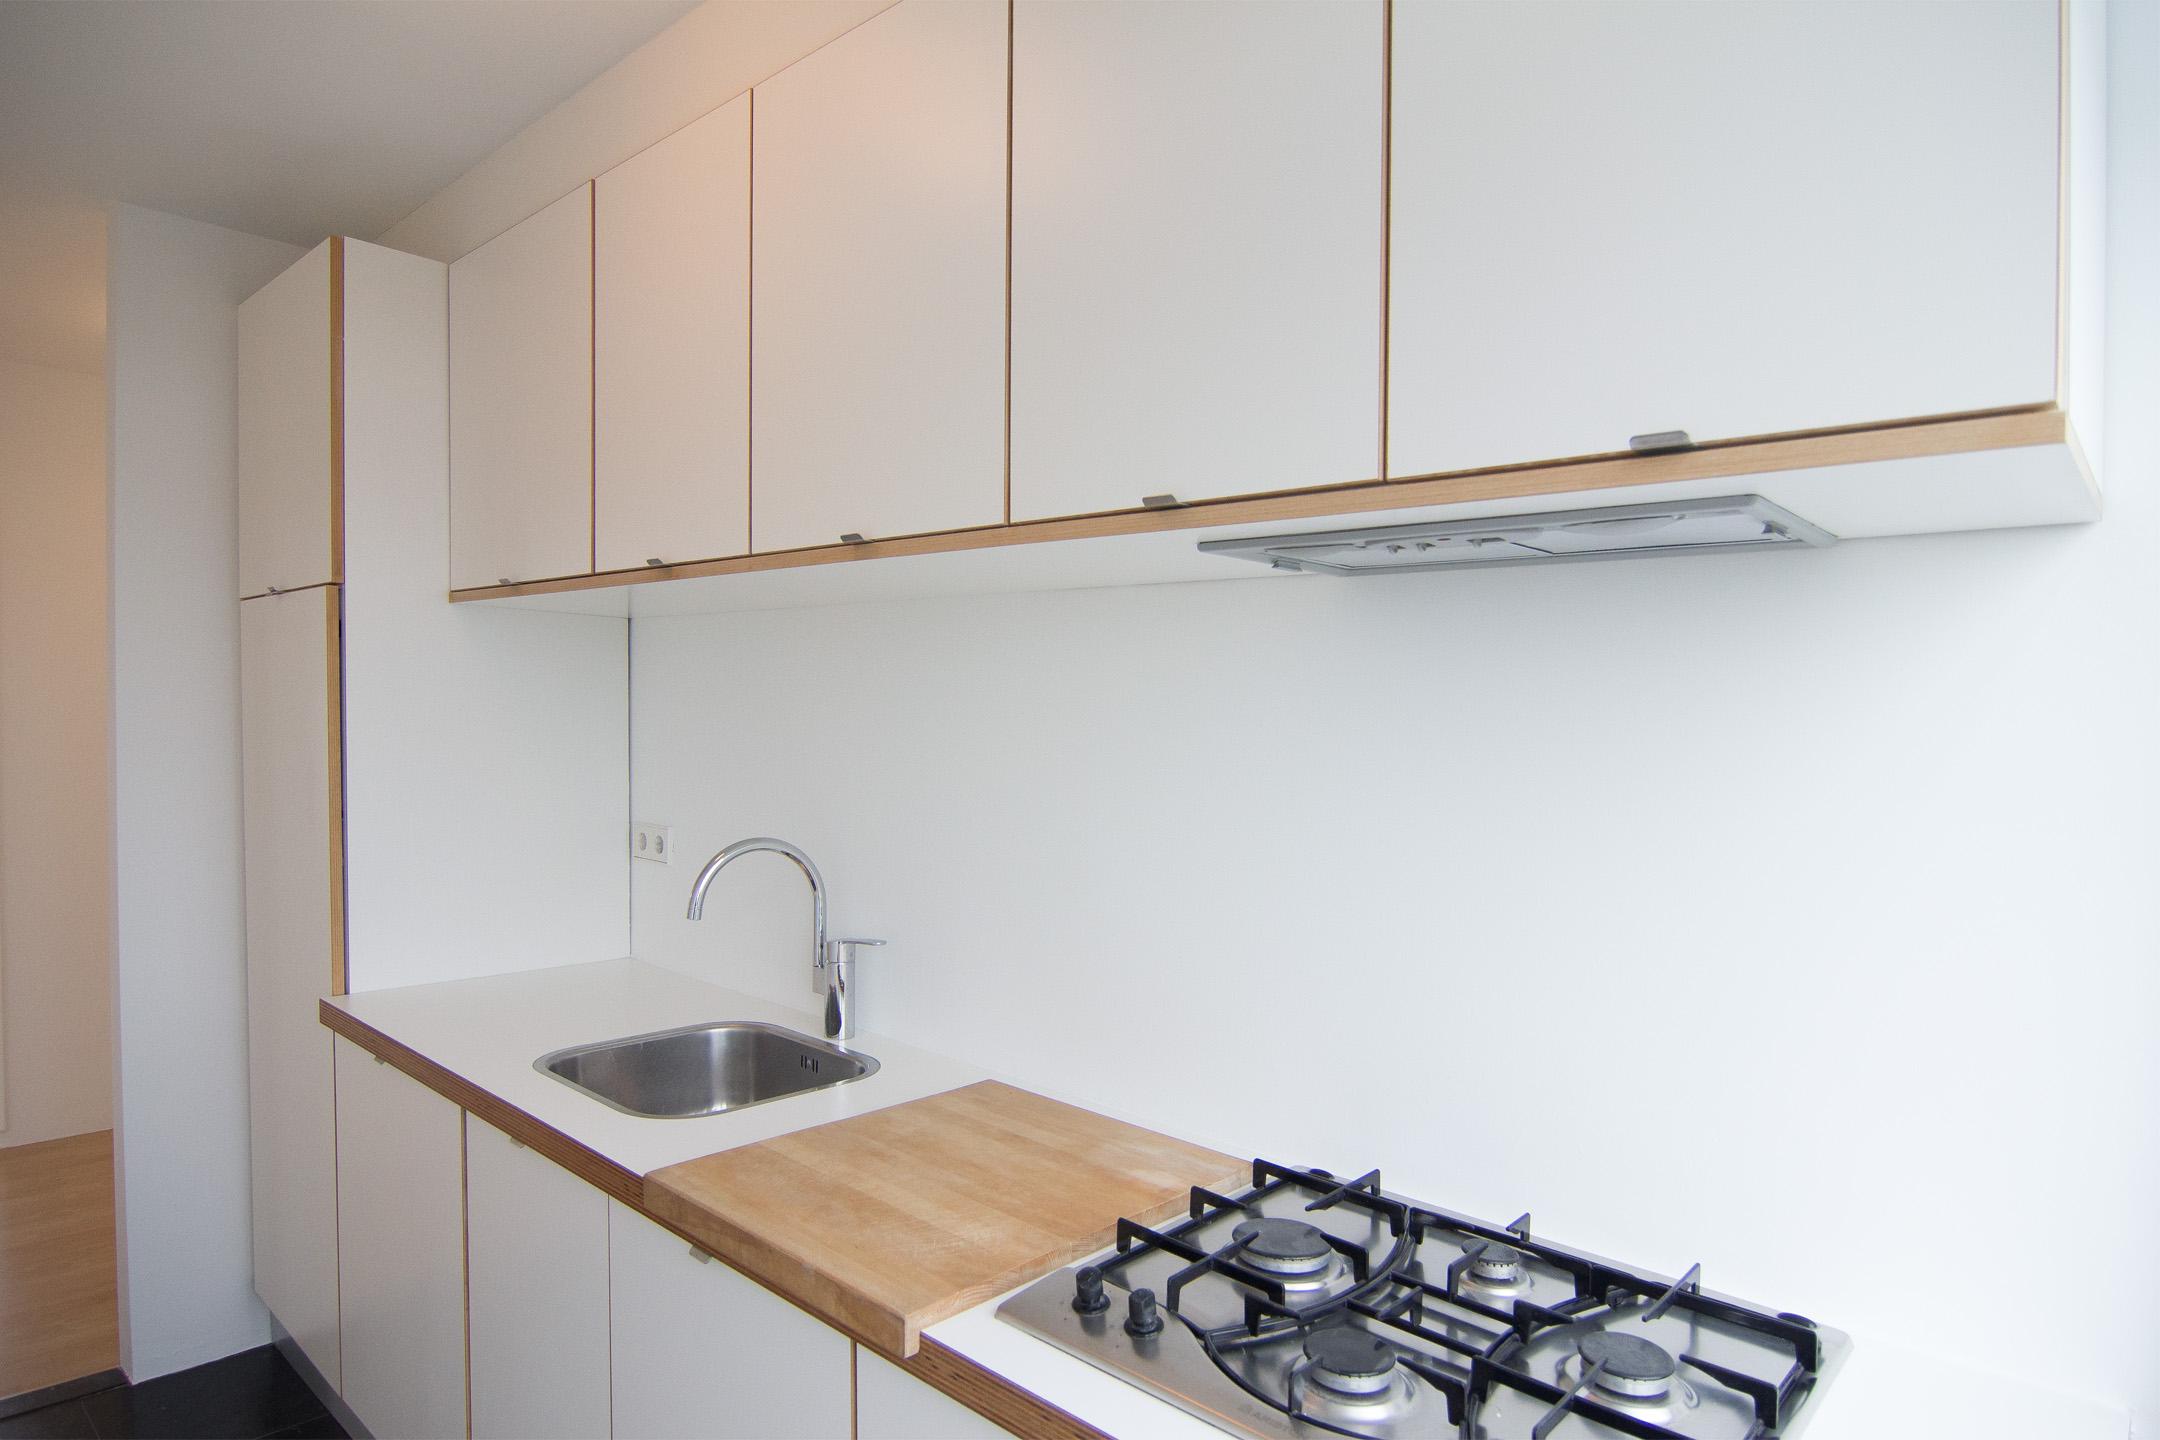 Keuken Design Maastricht : Maastricht kasteel bleienbeekstraat 1d han dassen verhuur b.v.